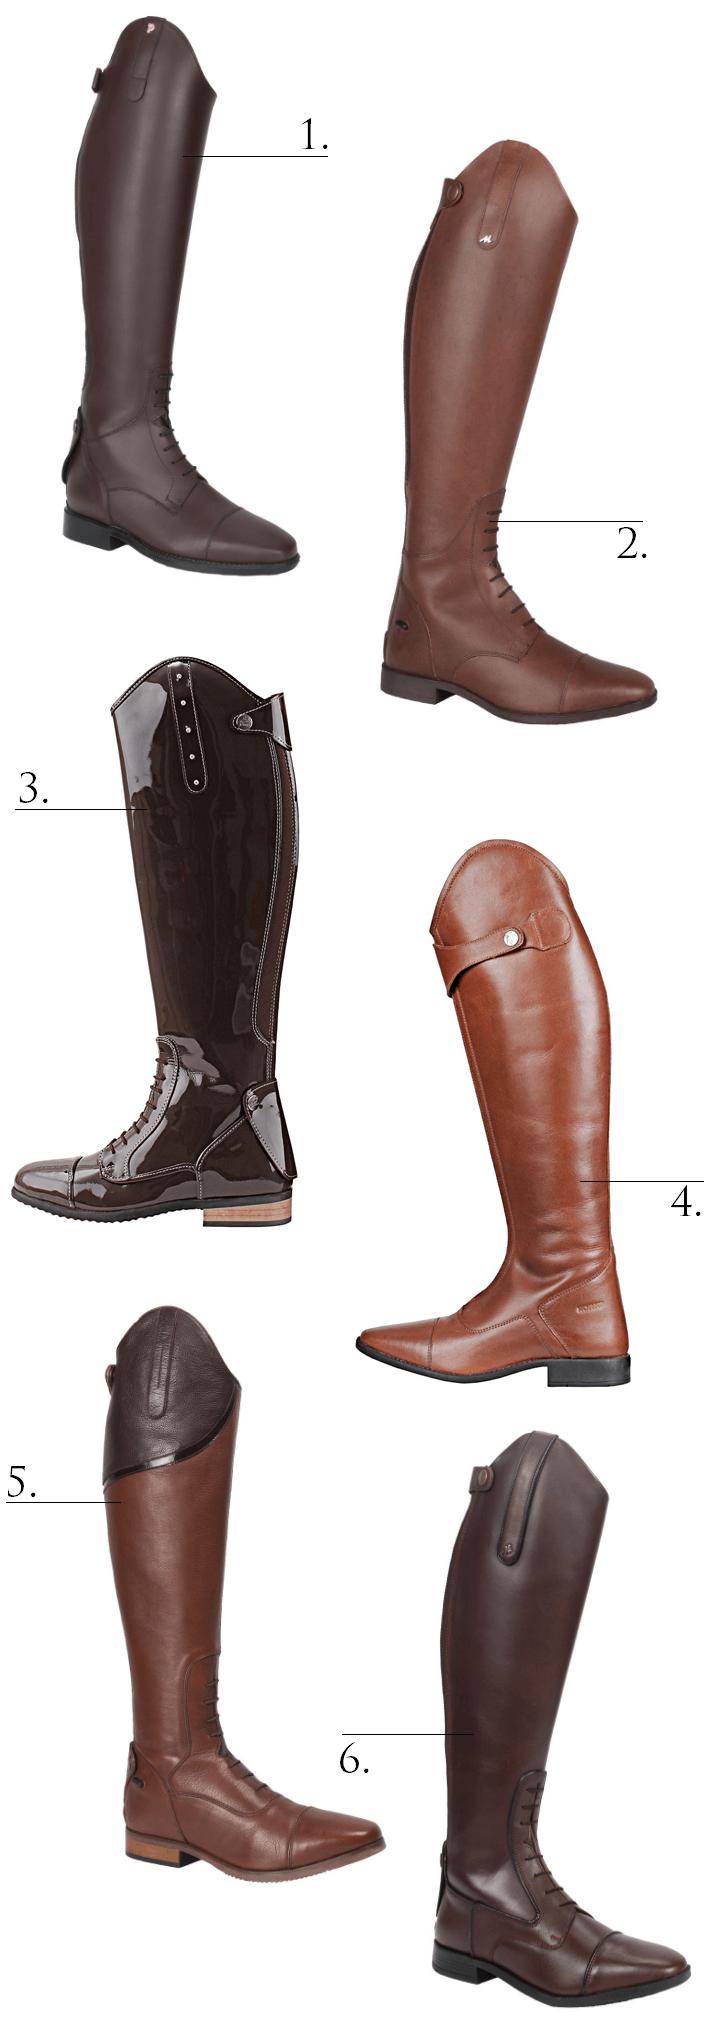 Budget bruine laarzen